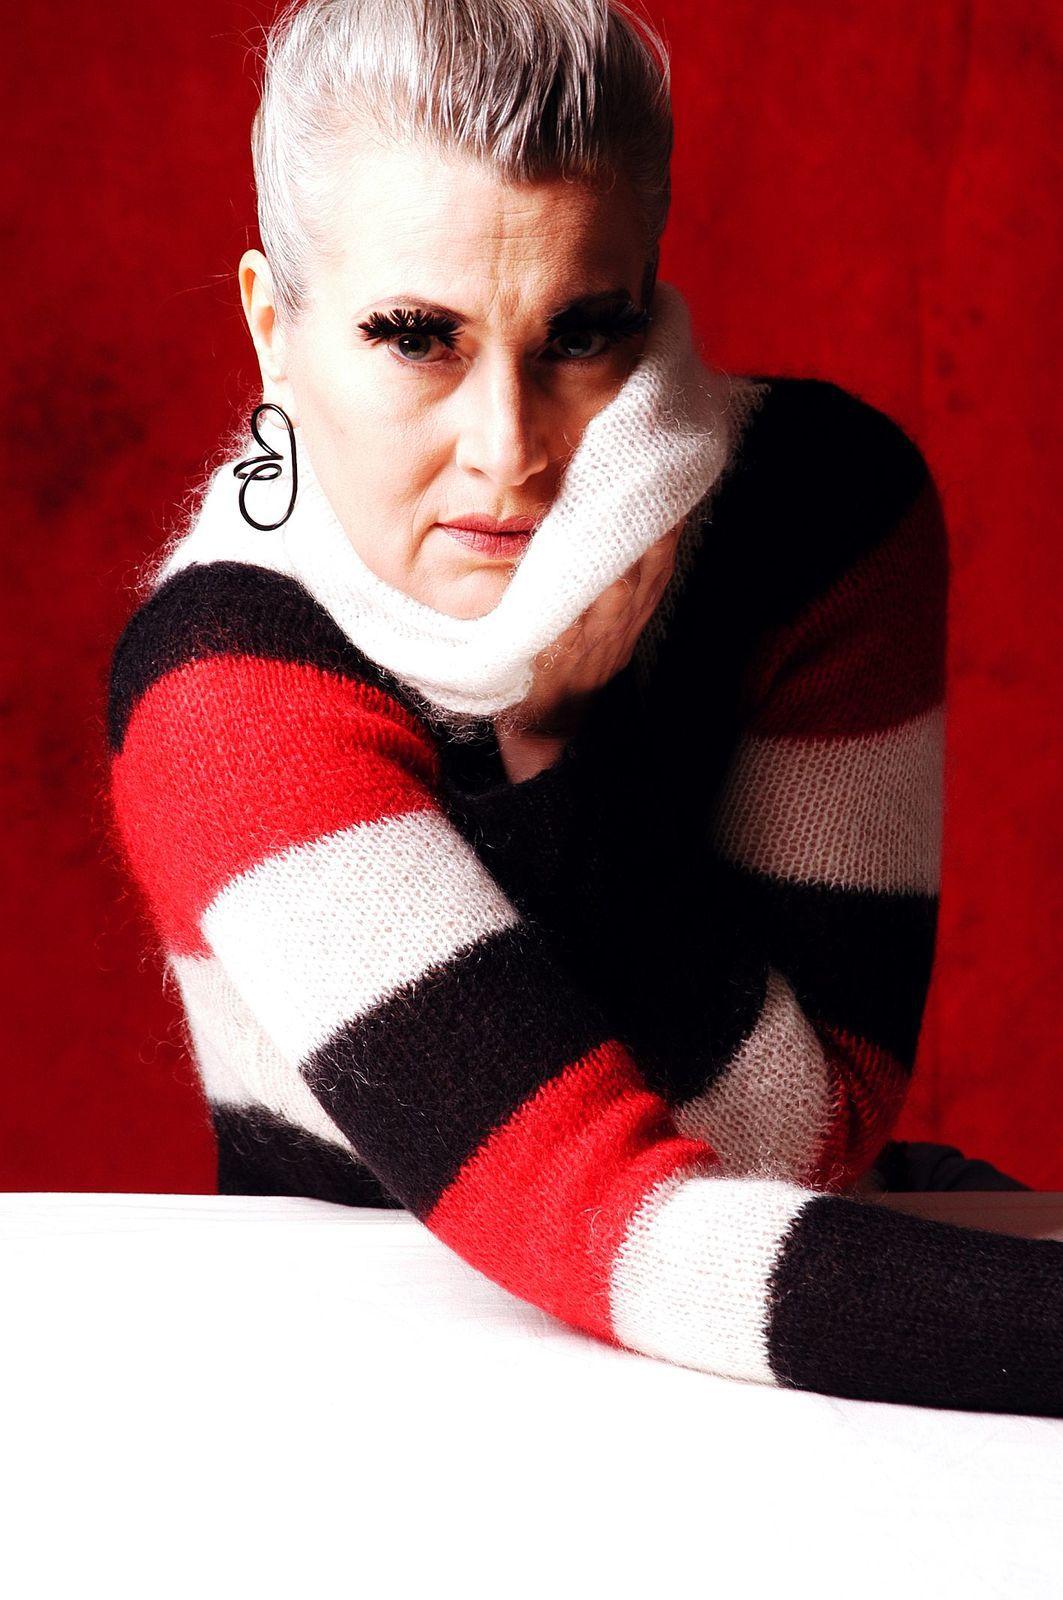 Pulverbeschichtete Kringelorringe von Nadine Sharpe, Own Sweet Time.